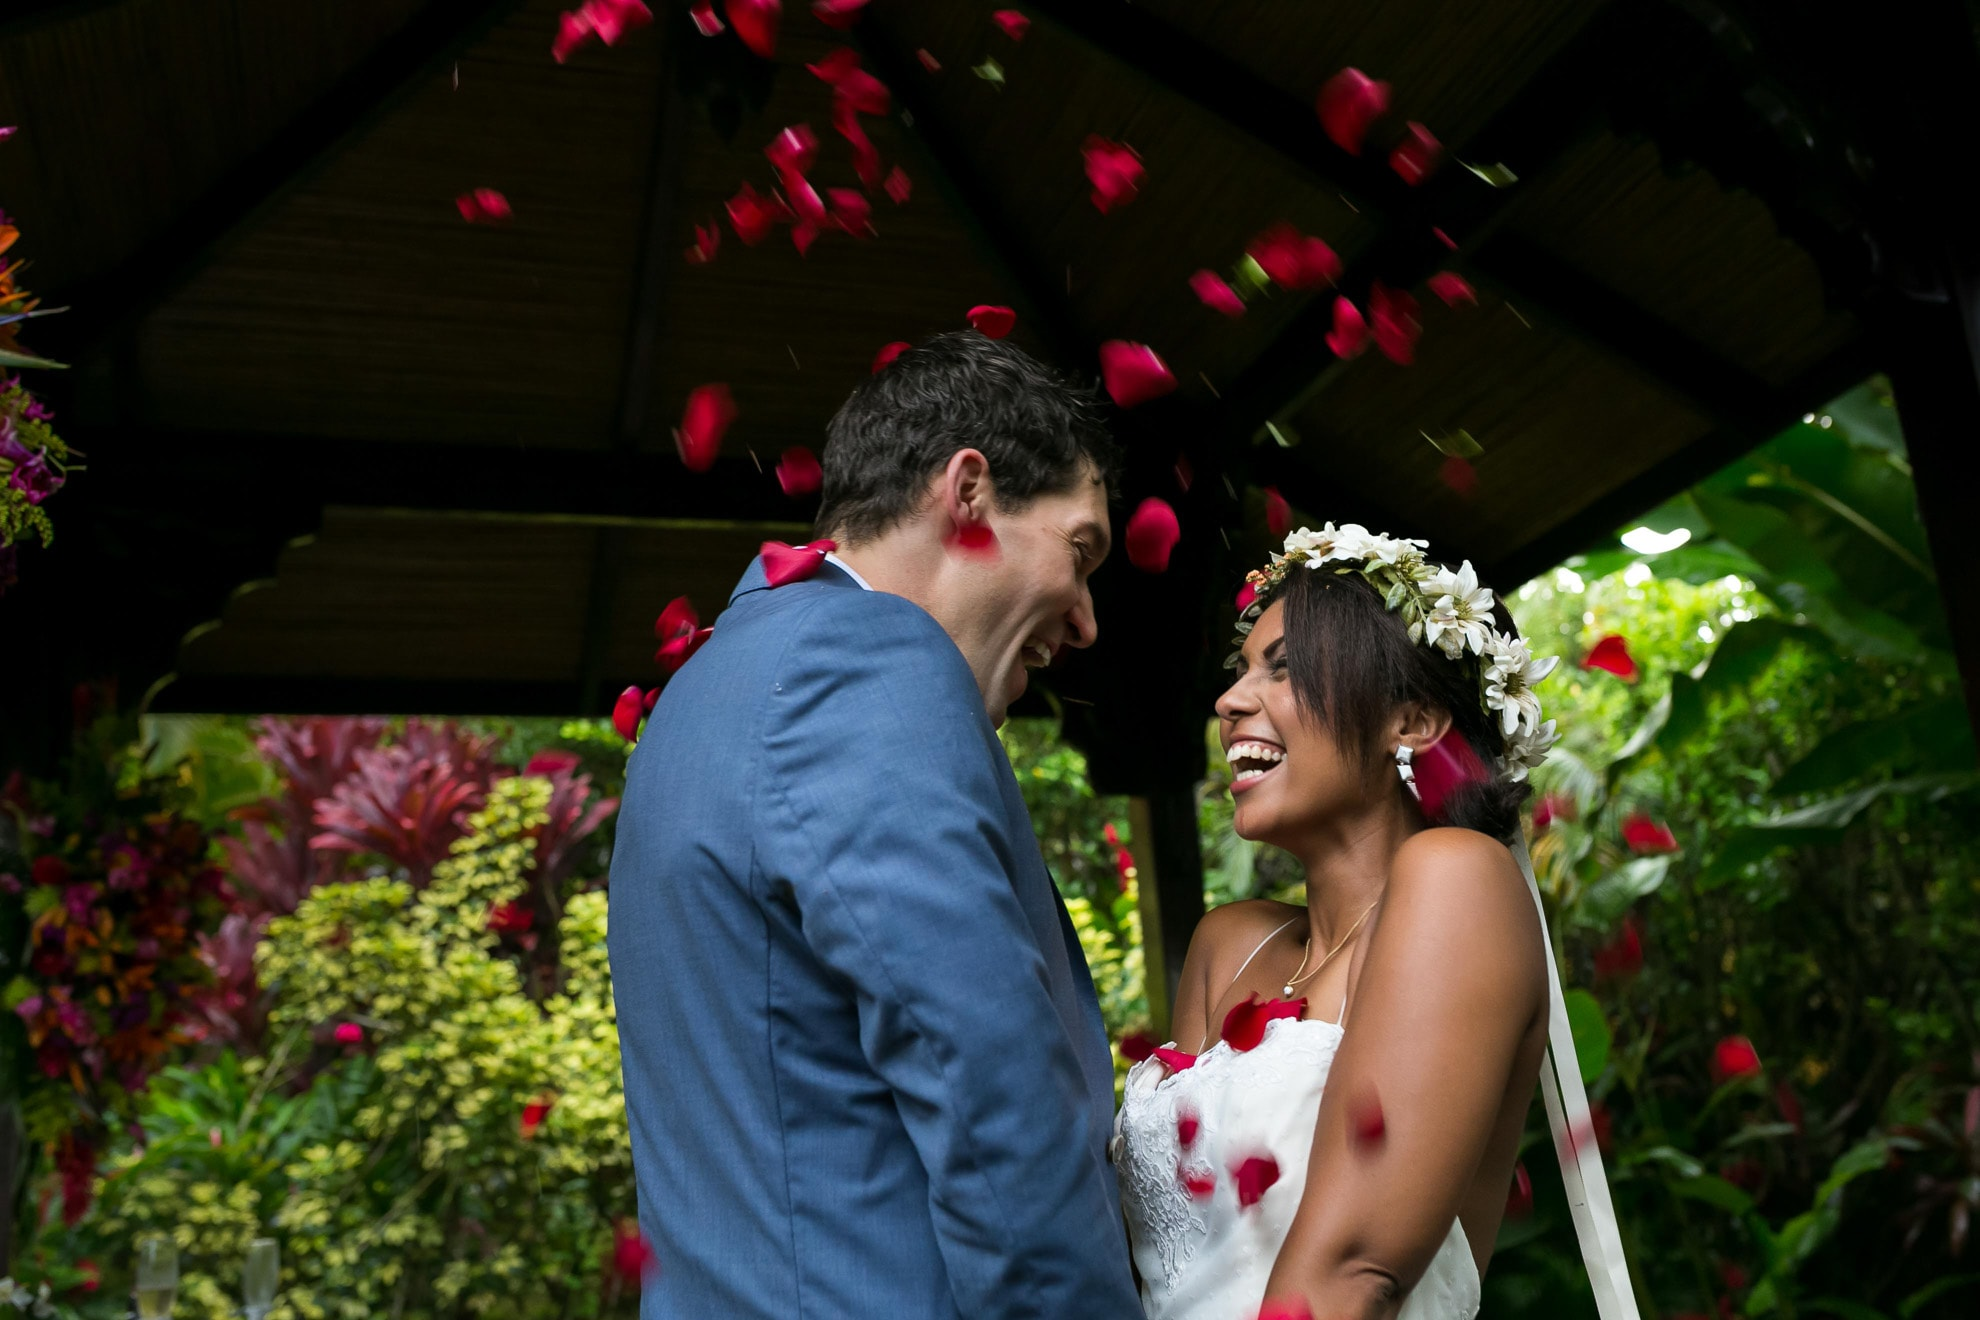 Throwing rose petals at wedding